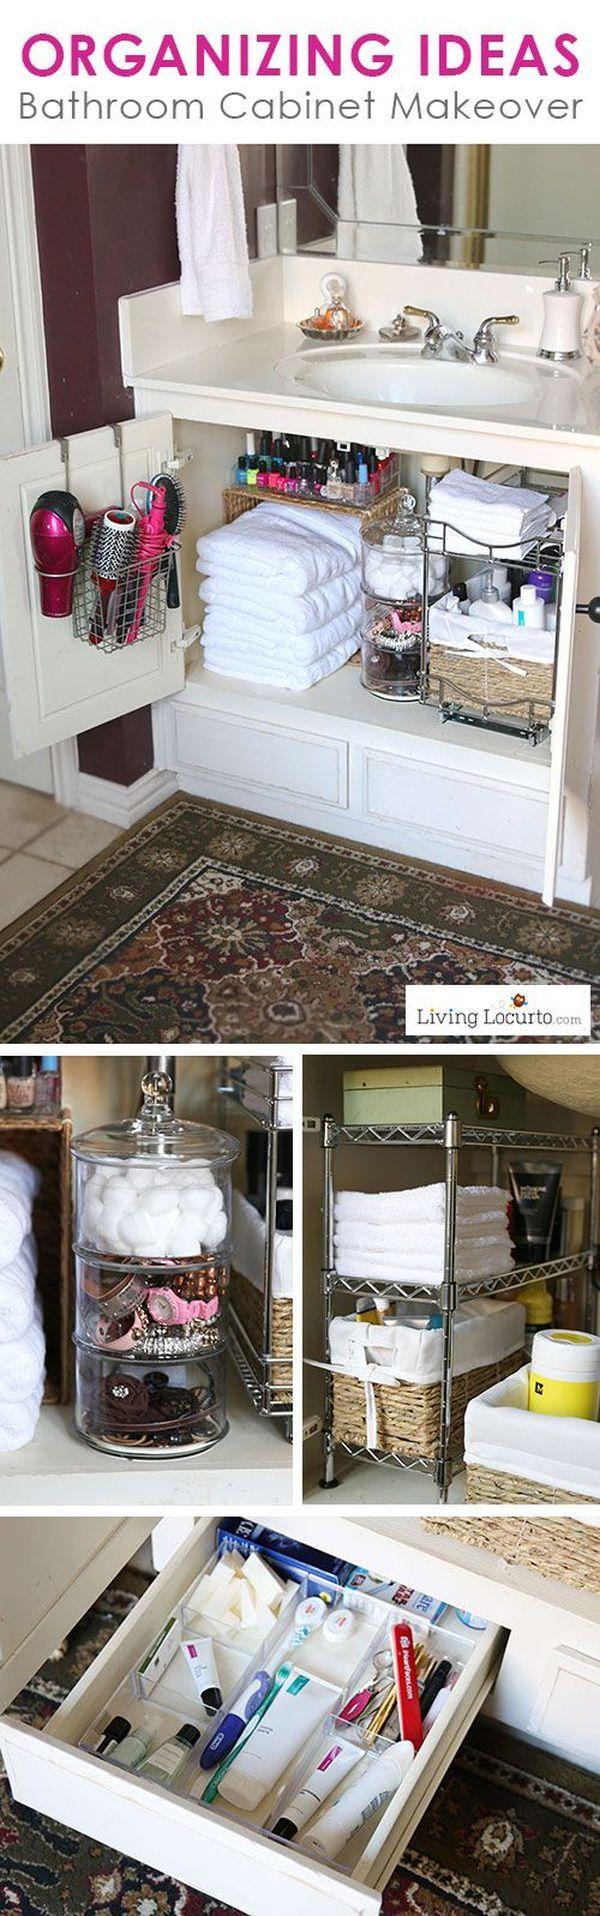 Idei pentru o depozitare eficienta in casa si curtea noastra Gospodinele care vor sa fie eficiente, sa economiseasca timpul si spatiul, pot opta pentru a pune in practica aceste trucuri pentru o depozitare eficienta: http://ideipentrucasa.ro/idei-pentru-o-depozitare-eficienta-casa-si-curtea-noastra/